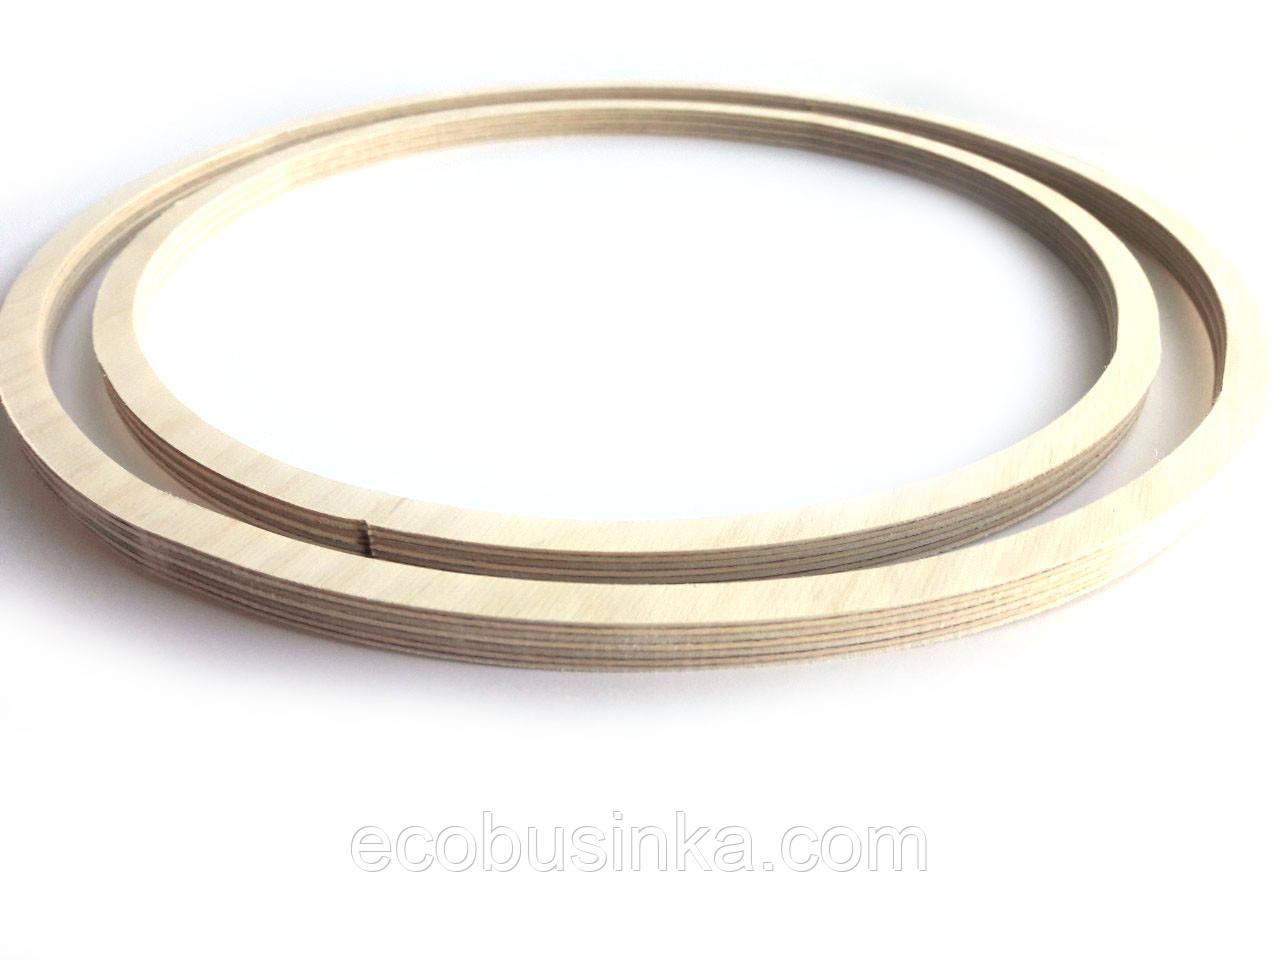 Кольца деревянные для мобилей, 2